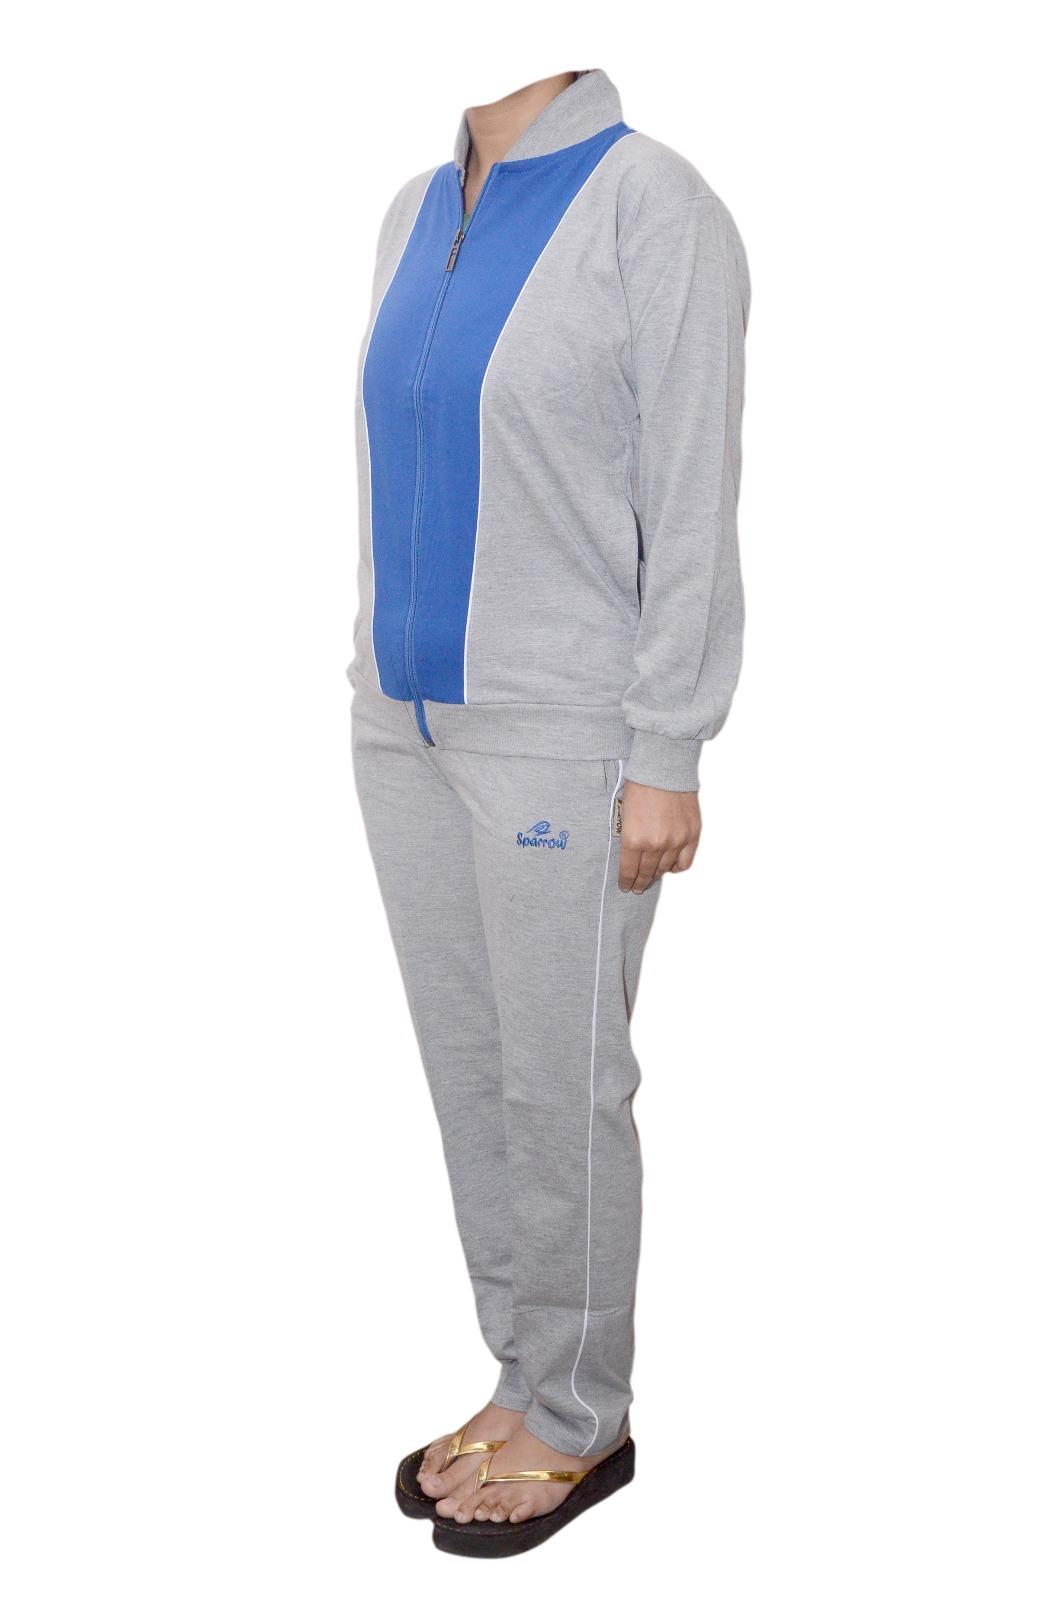 Ladies Jogging Suits